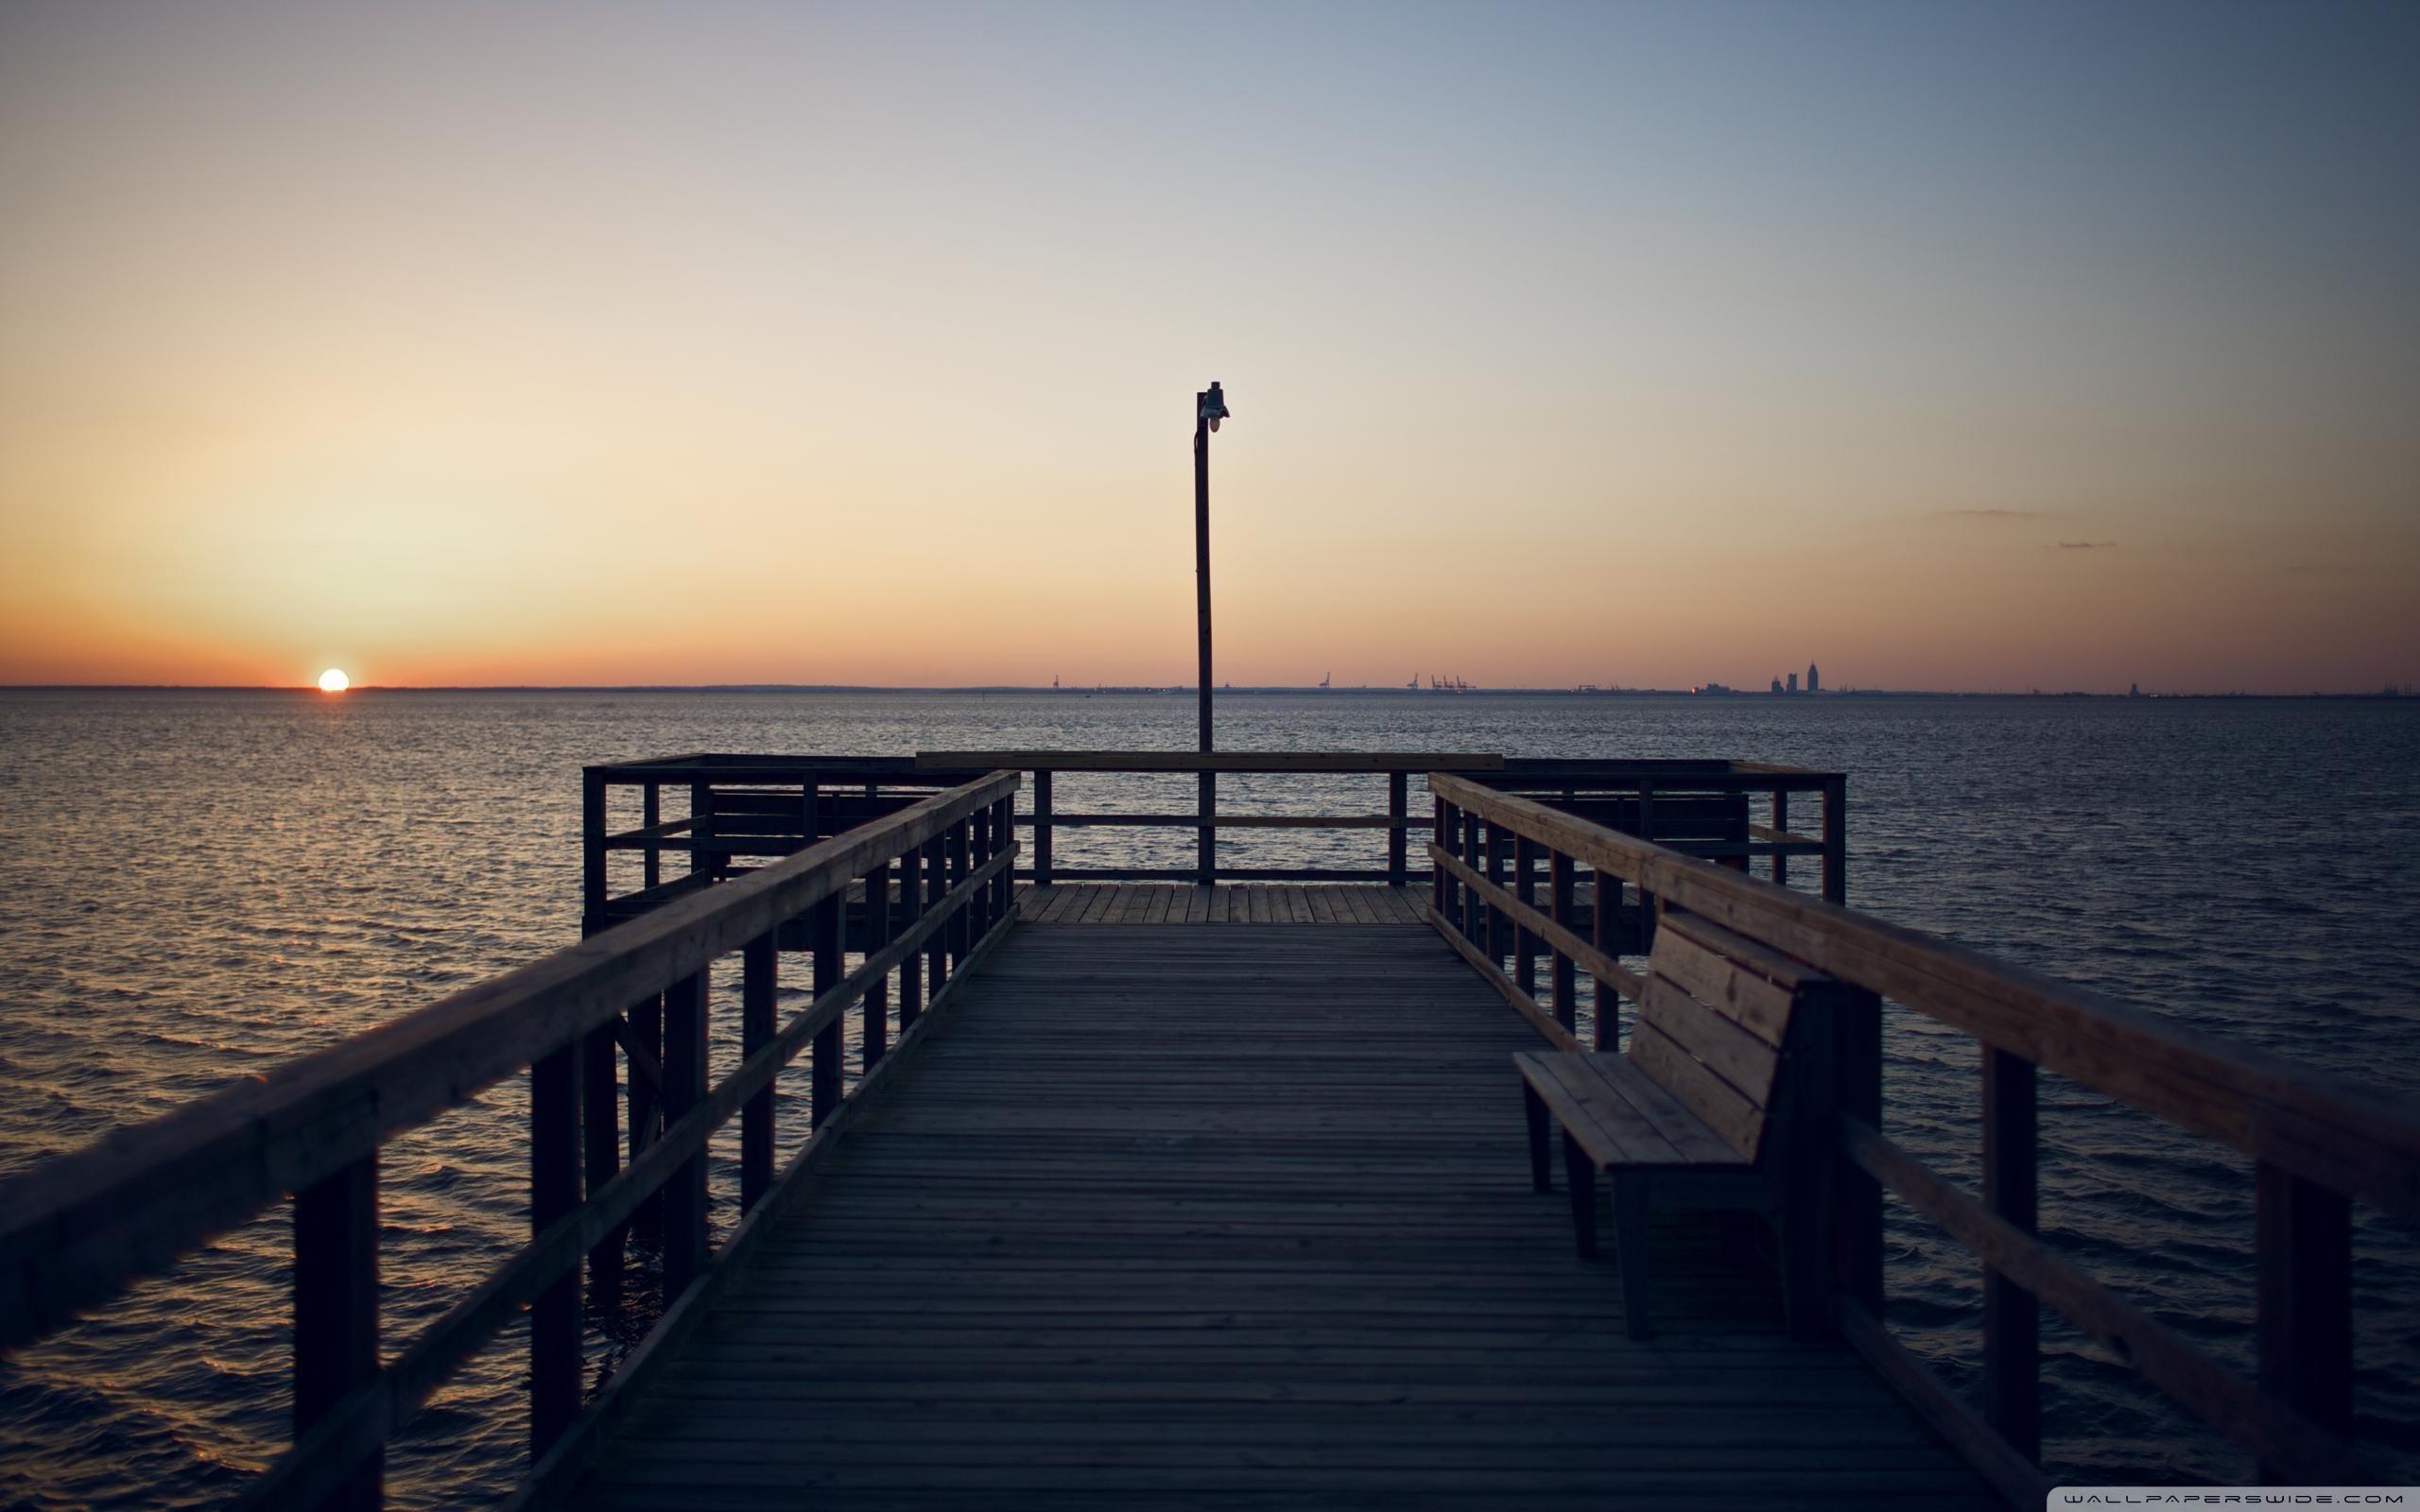 … countdown wallpapersafari; wooden pier hd desktop wallpaper high  definition fullscreen …